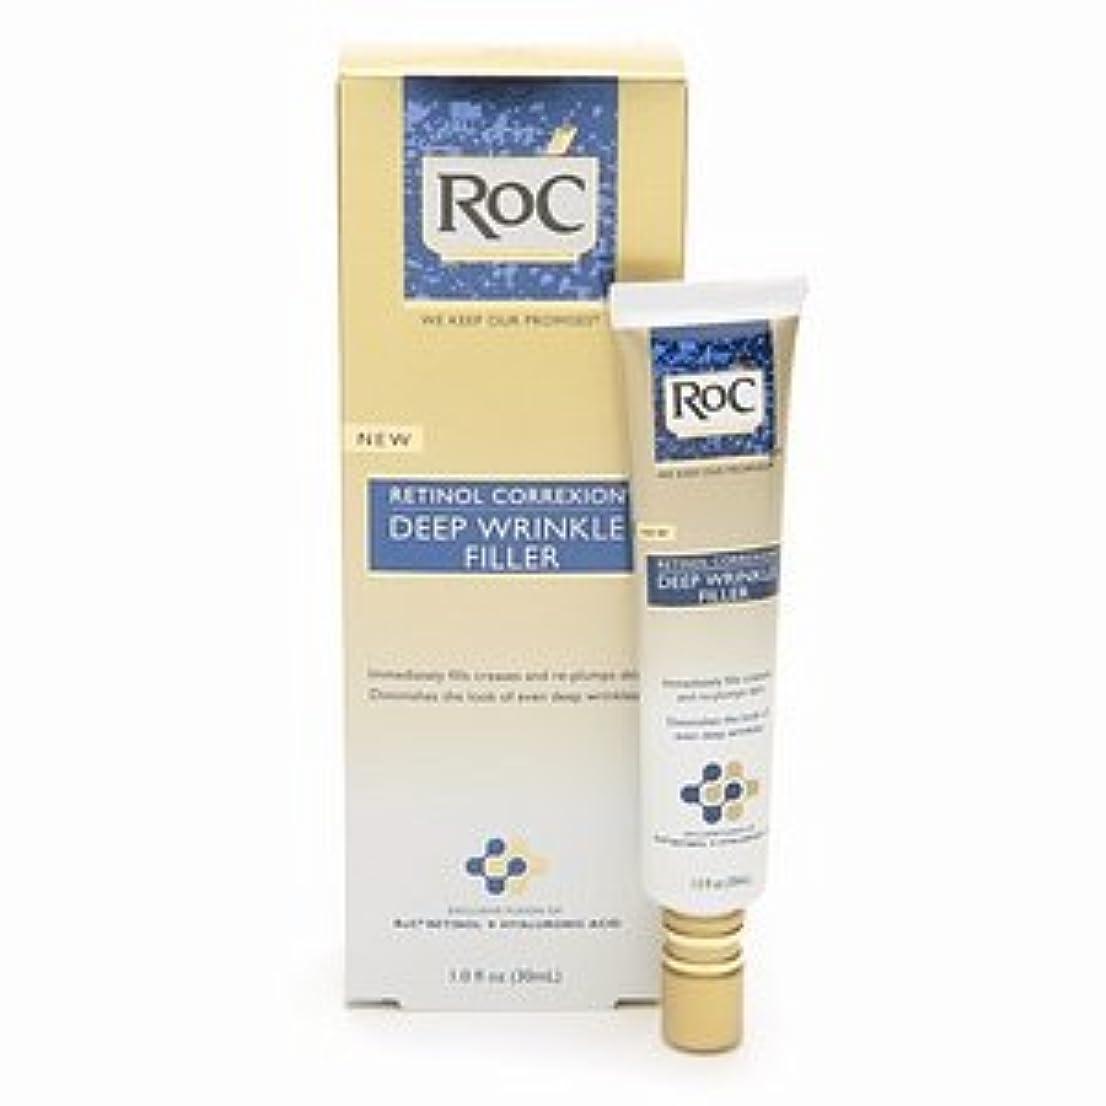 旅クラックジムRoC レチノール コレクション ディープリンクル フィラー RoC Retinol Correxion Deep Wrinkle Filler